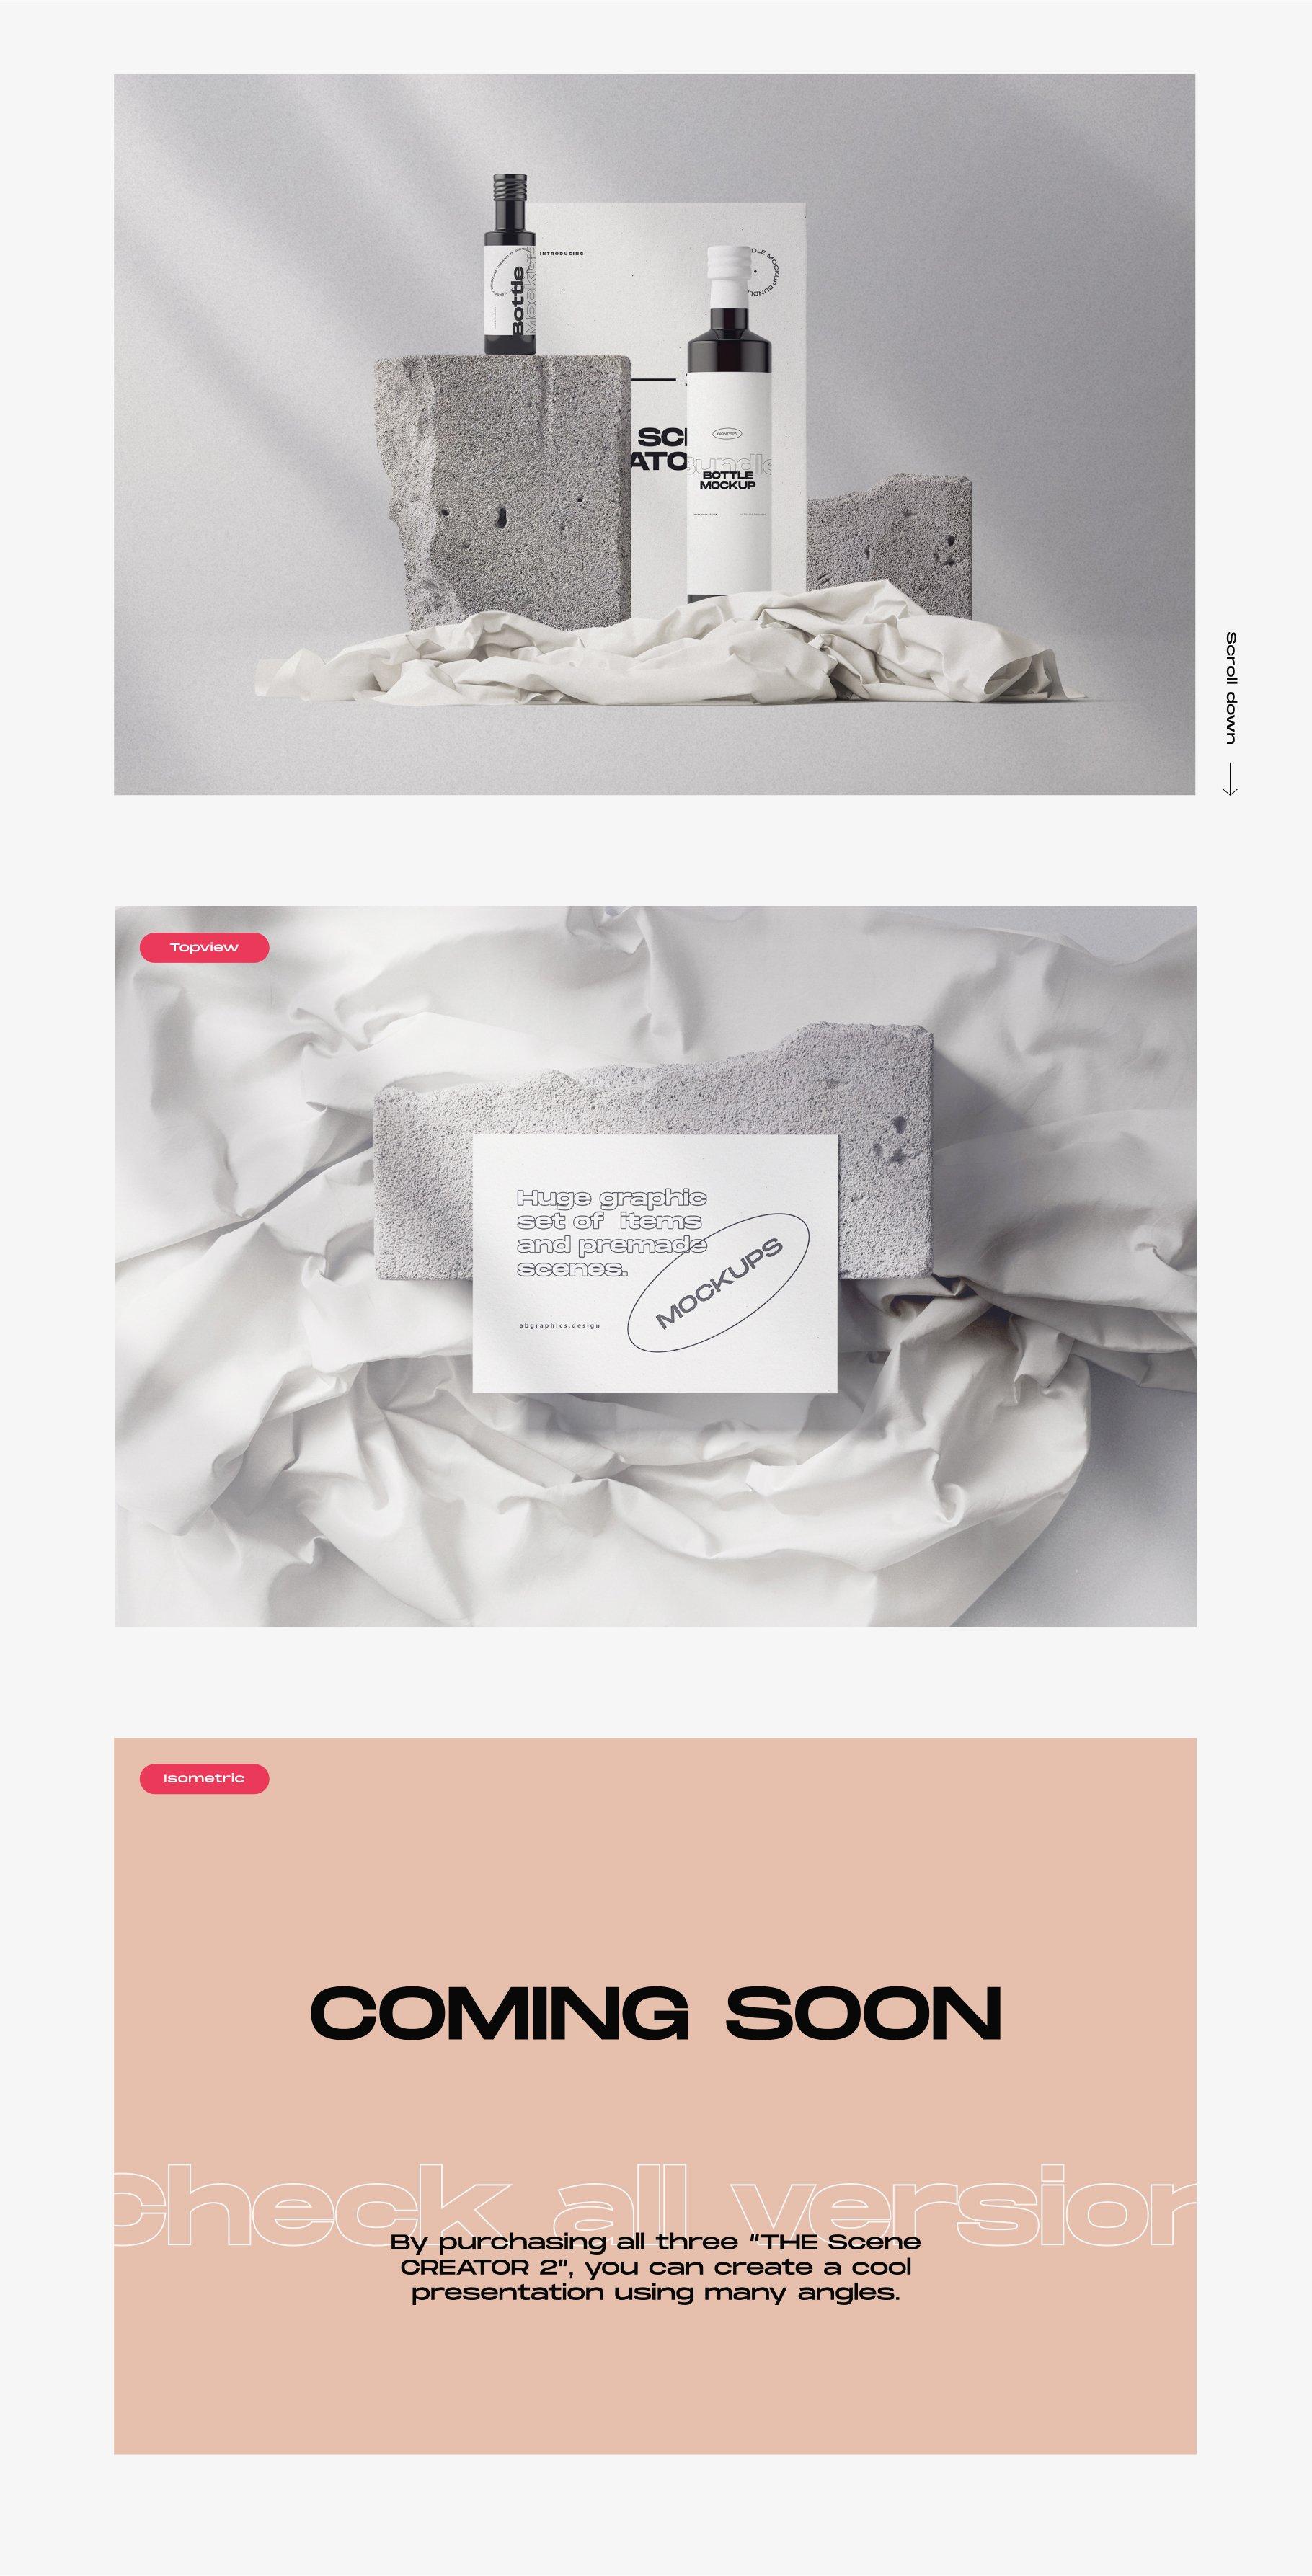 [淘宝购买] 超大品牌VI包装设计PS智能贴图样机模板素材 The Scene Creator 2 / Frontview插图(7)